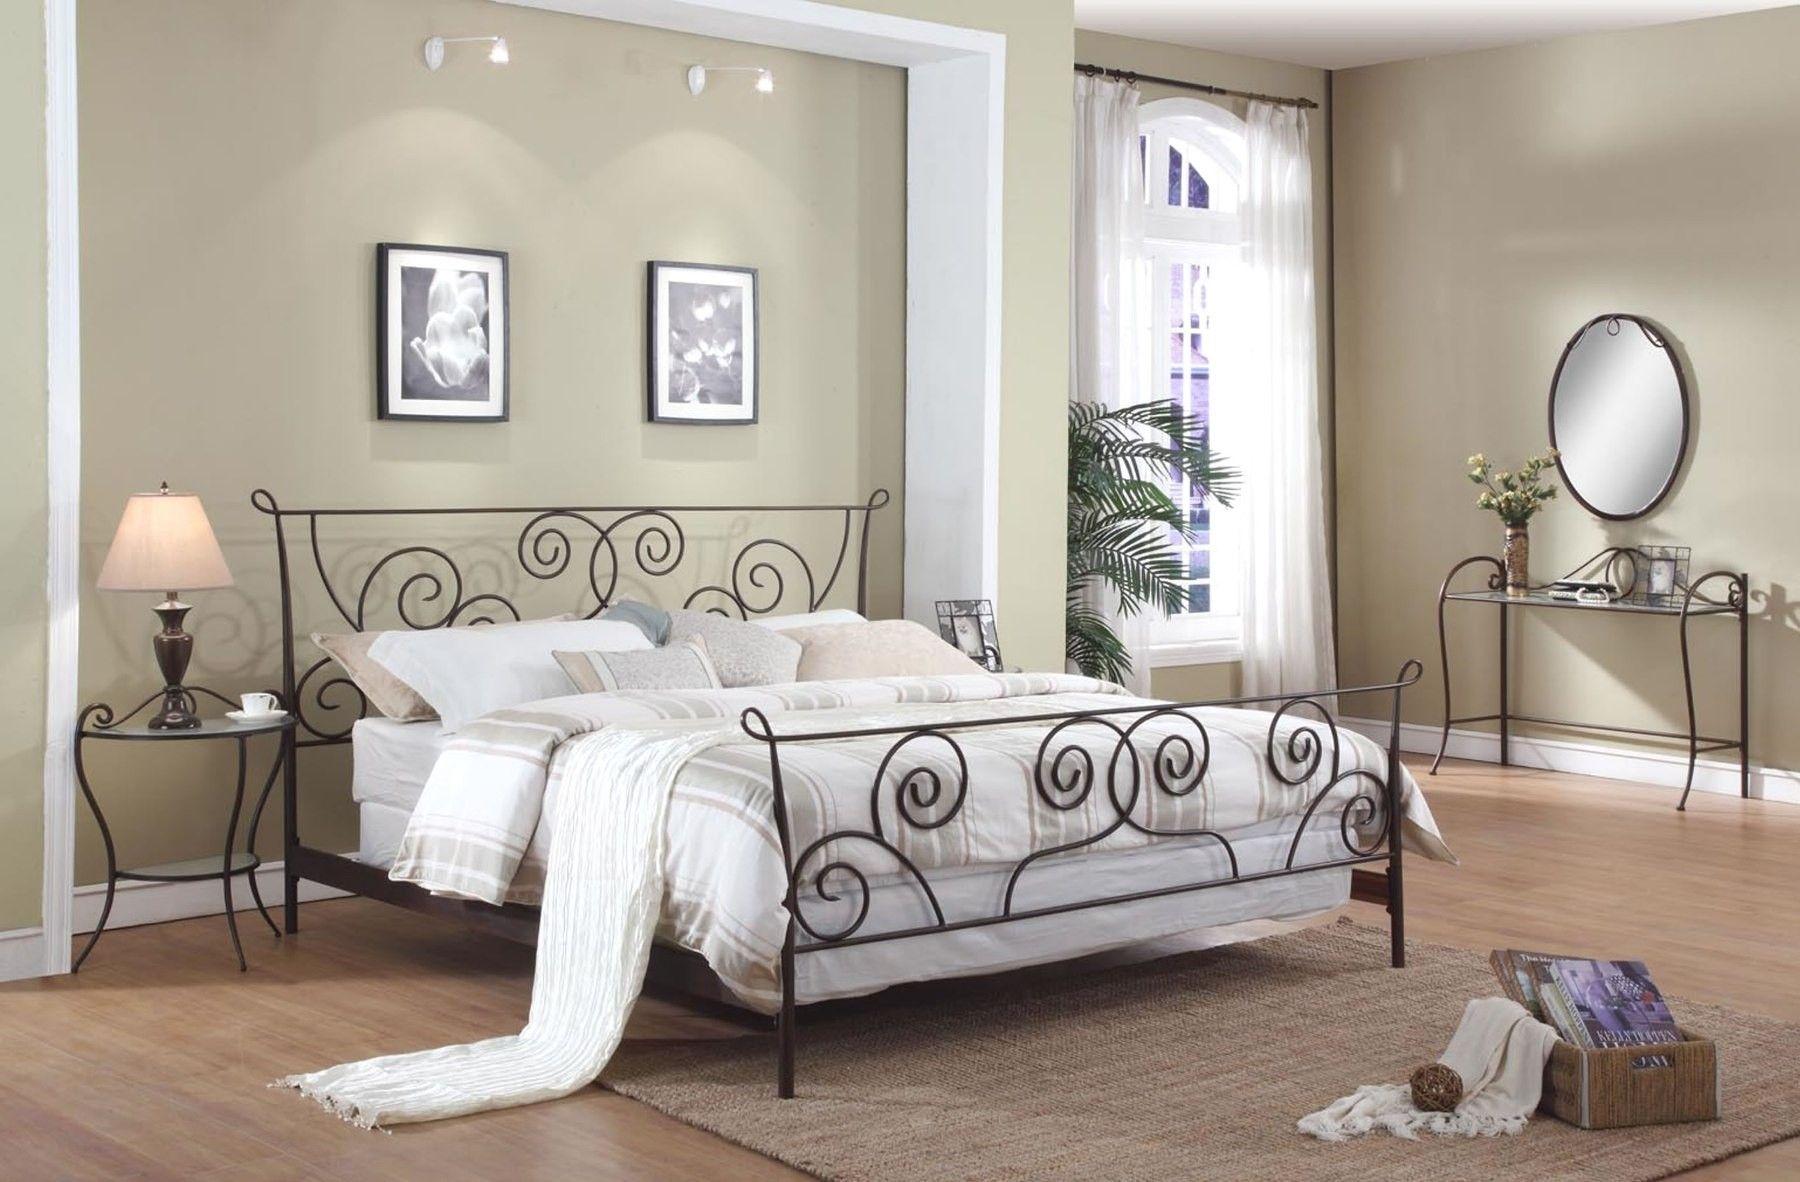 Ashley Furniture With Images Furniture Bedroom Furniture Sets